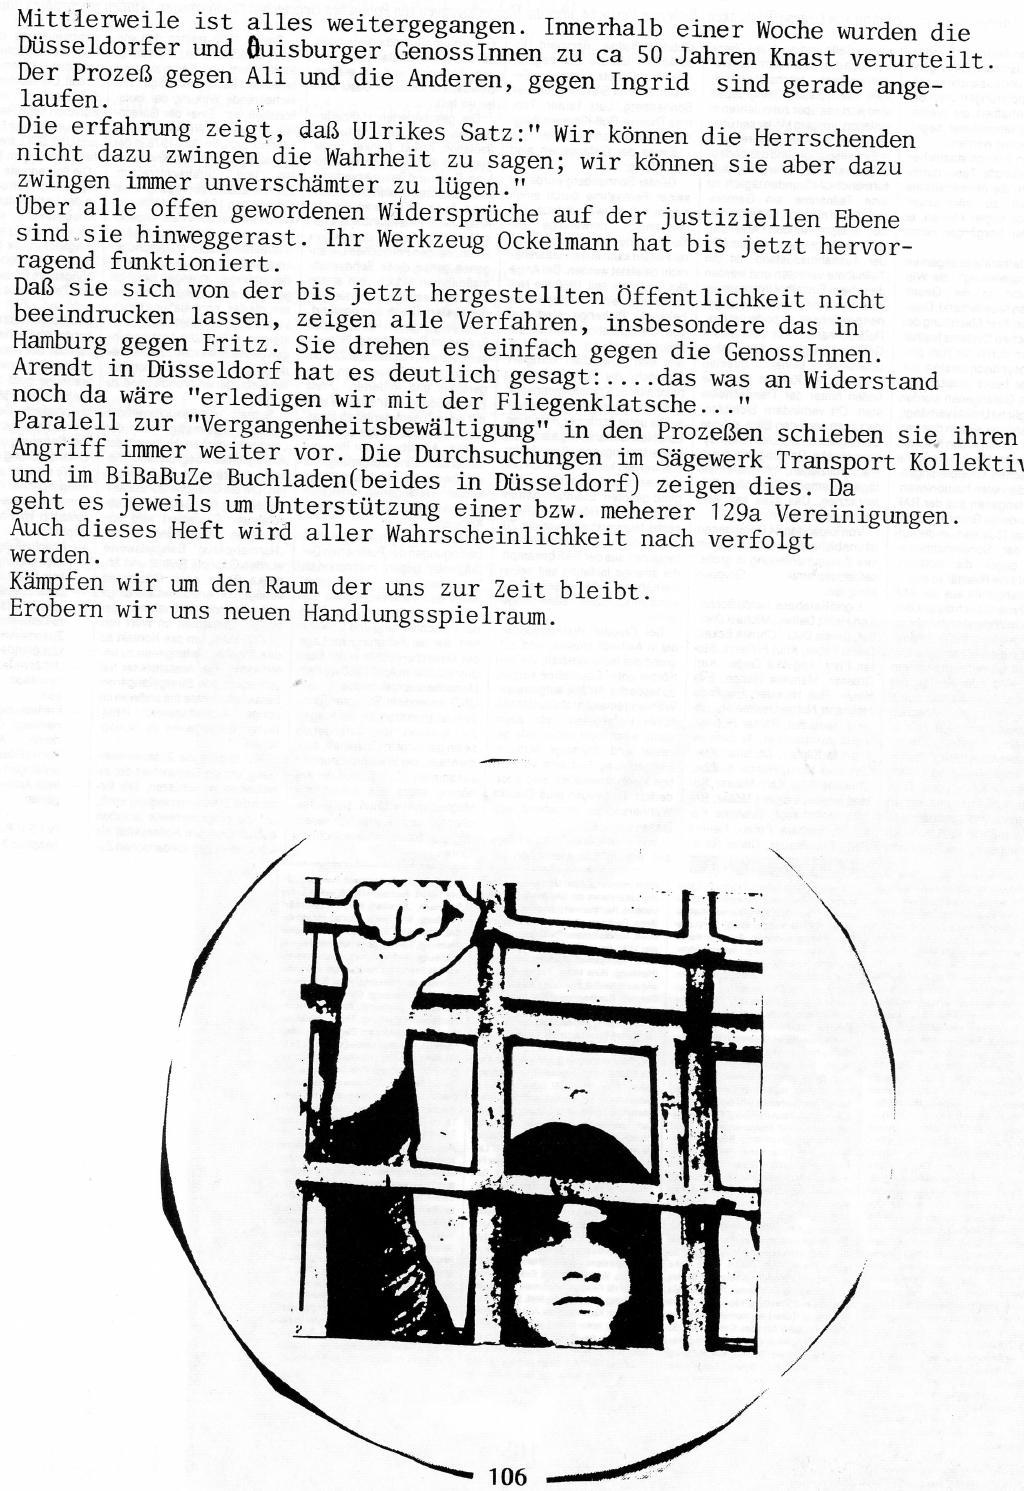 Duesseldorf_1989_Sechs_Politische_Gefangene_106